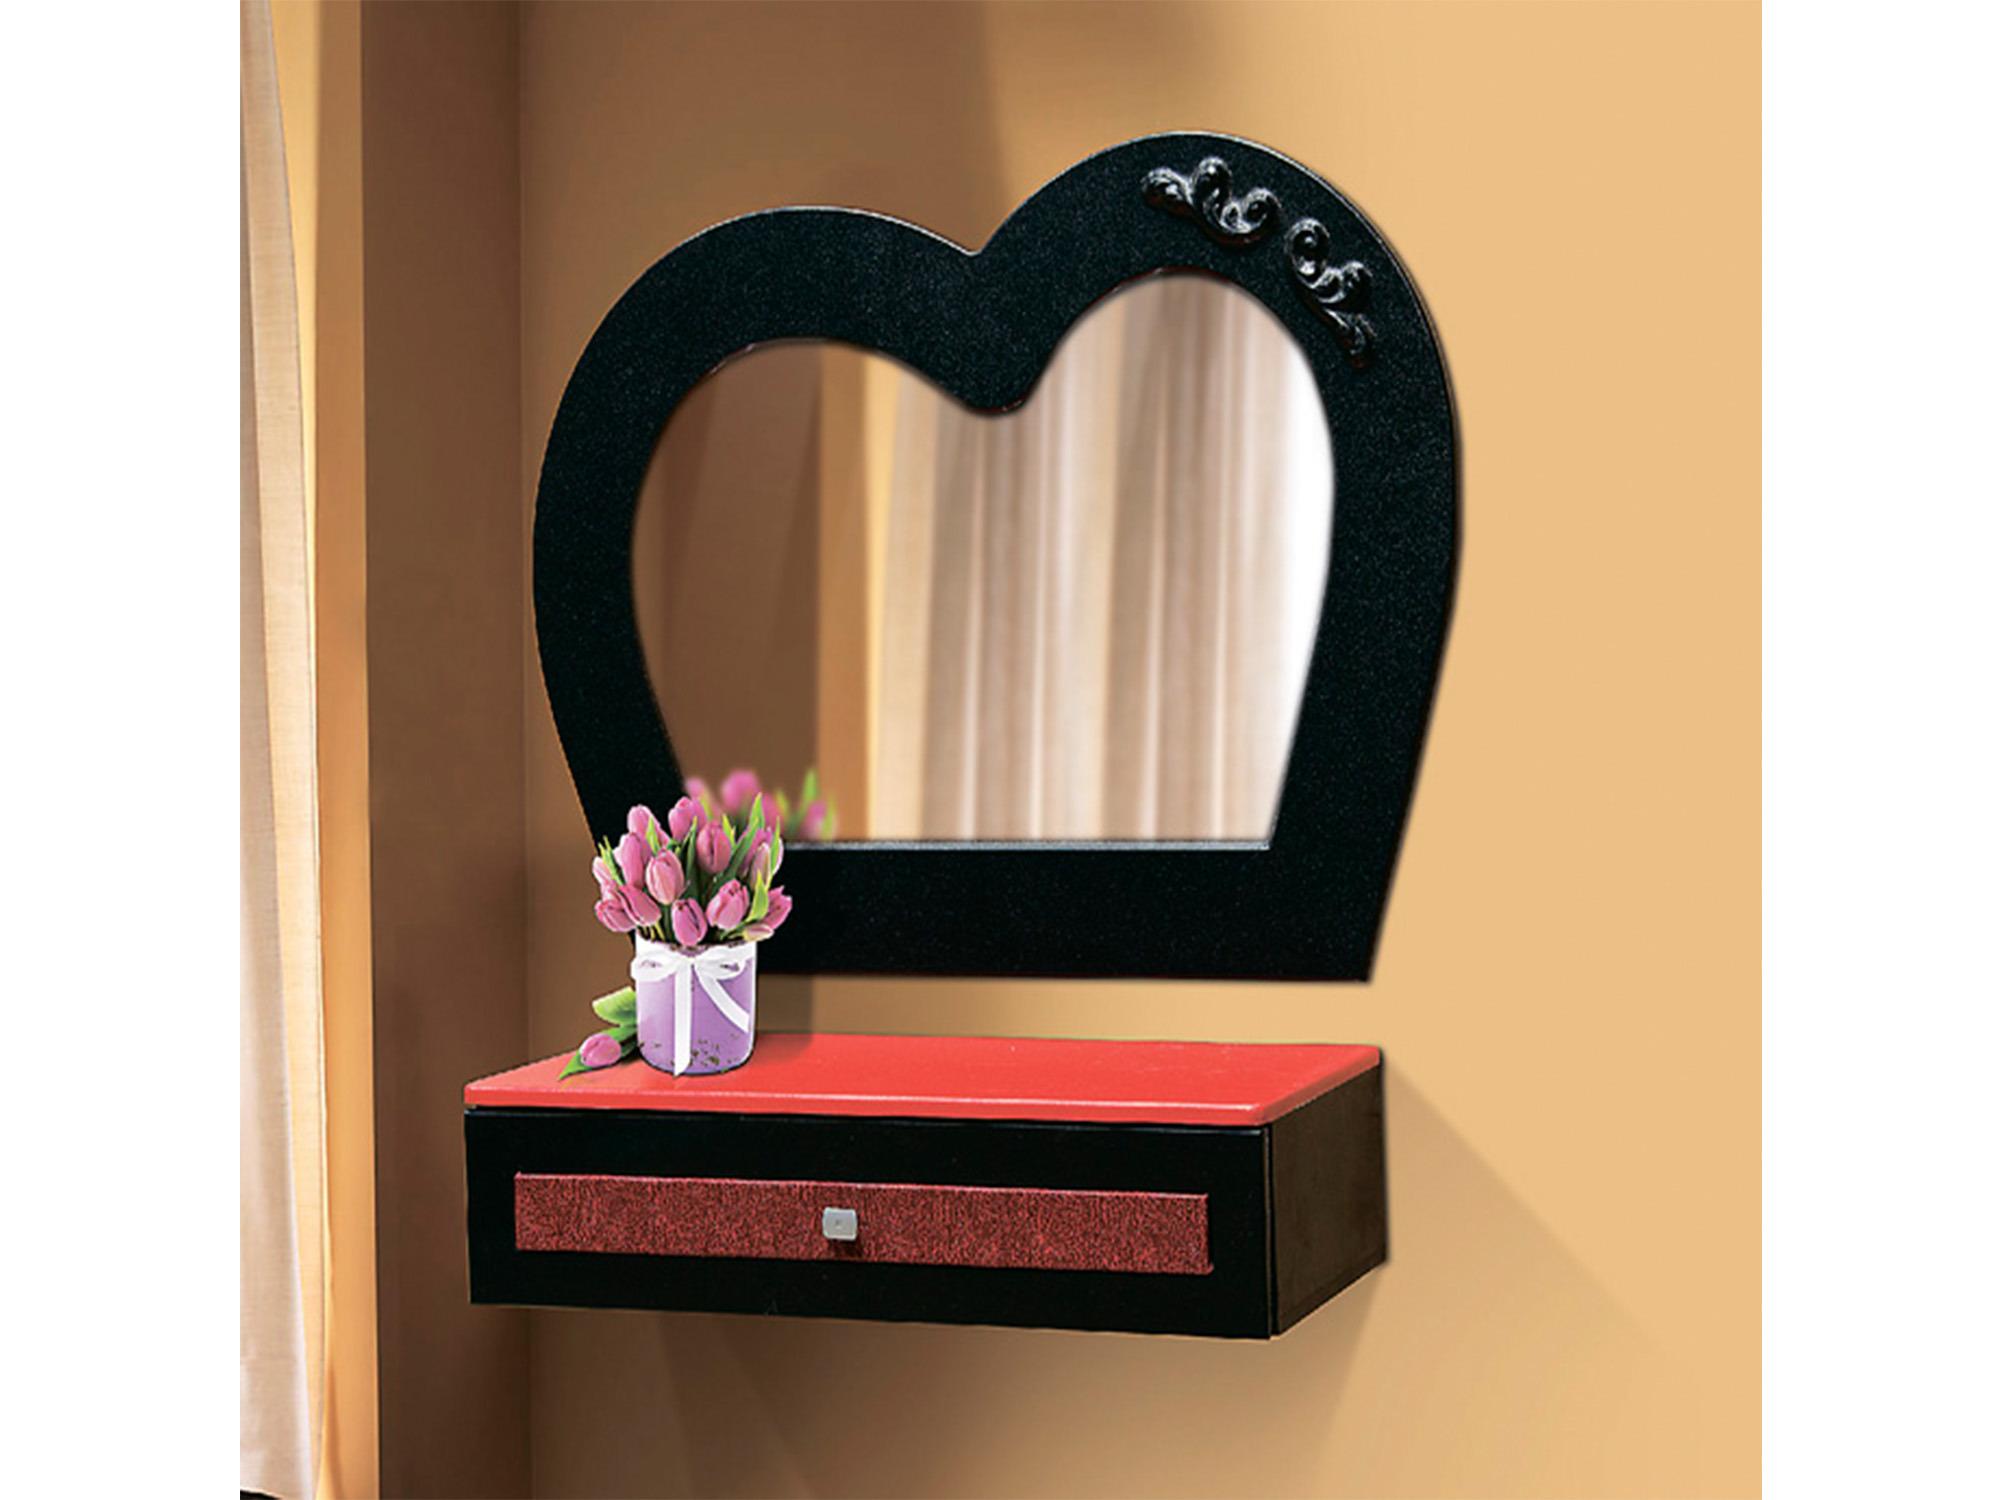 Стол туалетный подвесной Кокетка с зеркаломТуалетные столики<br><br><br>Длина мм: 1200<br>Высота мм: 750<br>Глубина мм: 500